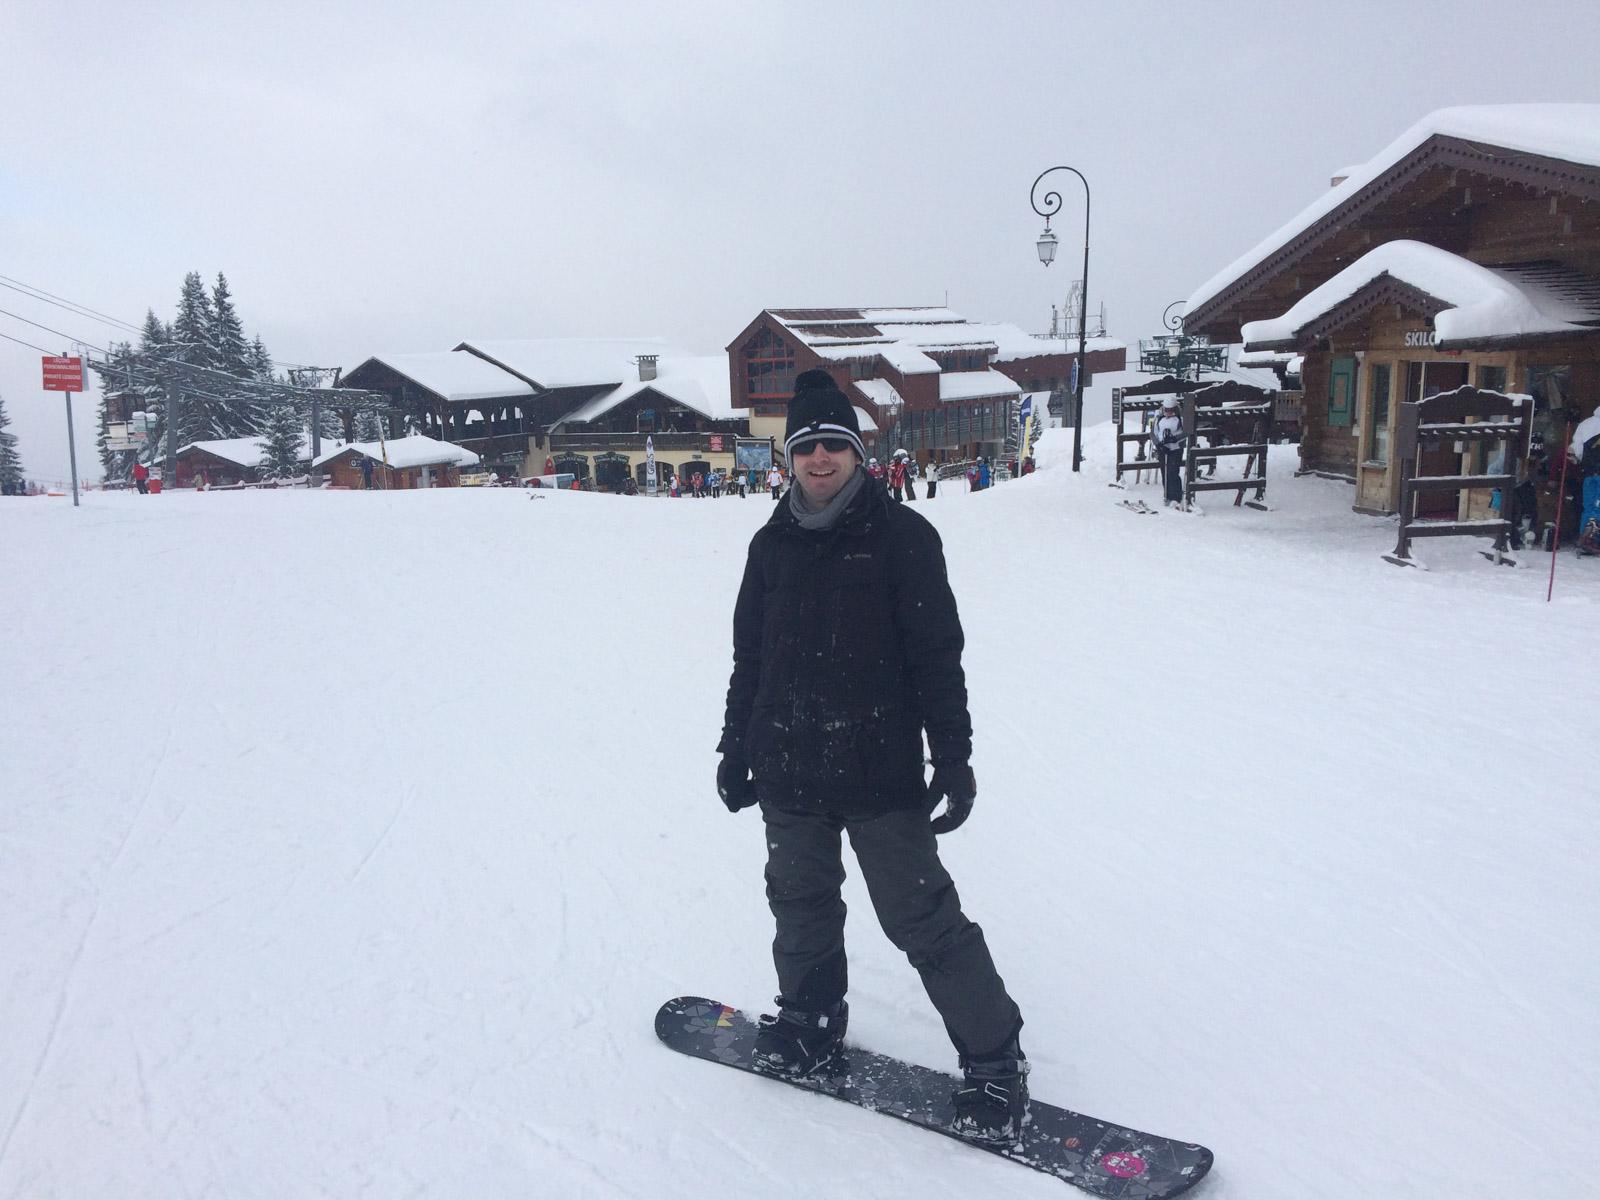 Snow Boarding in Saint Gervais ist auf jeden Fall ein cooles Erlebnis.